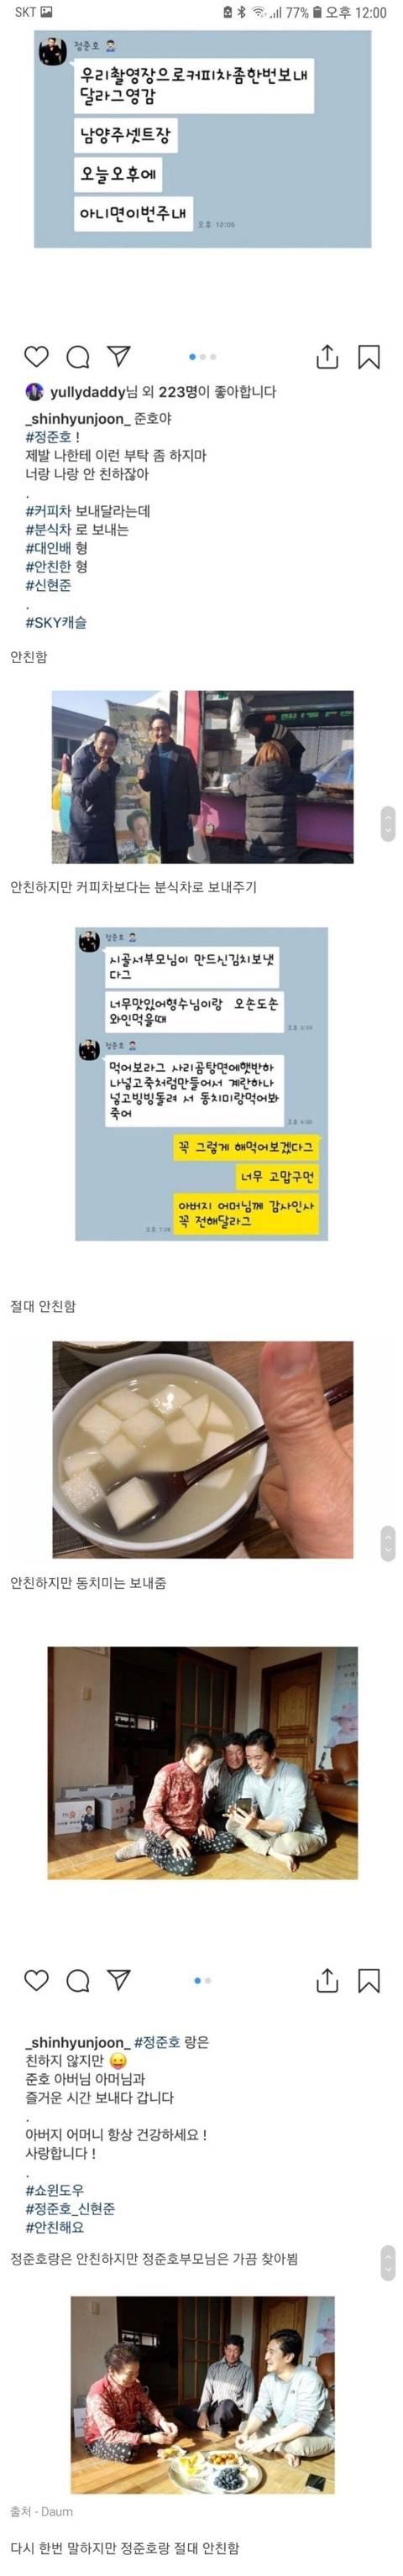 정준호랑 절대 안친한 신현준 | 인스티즈